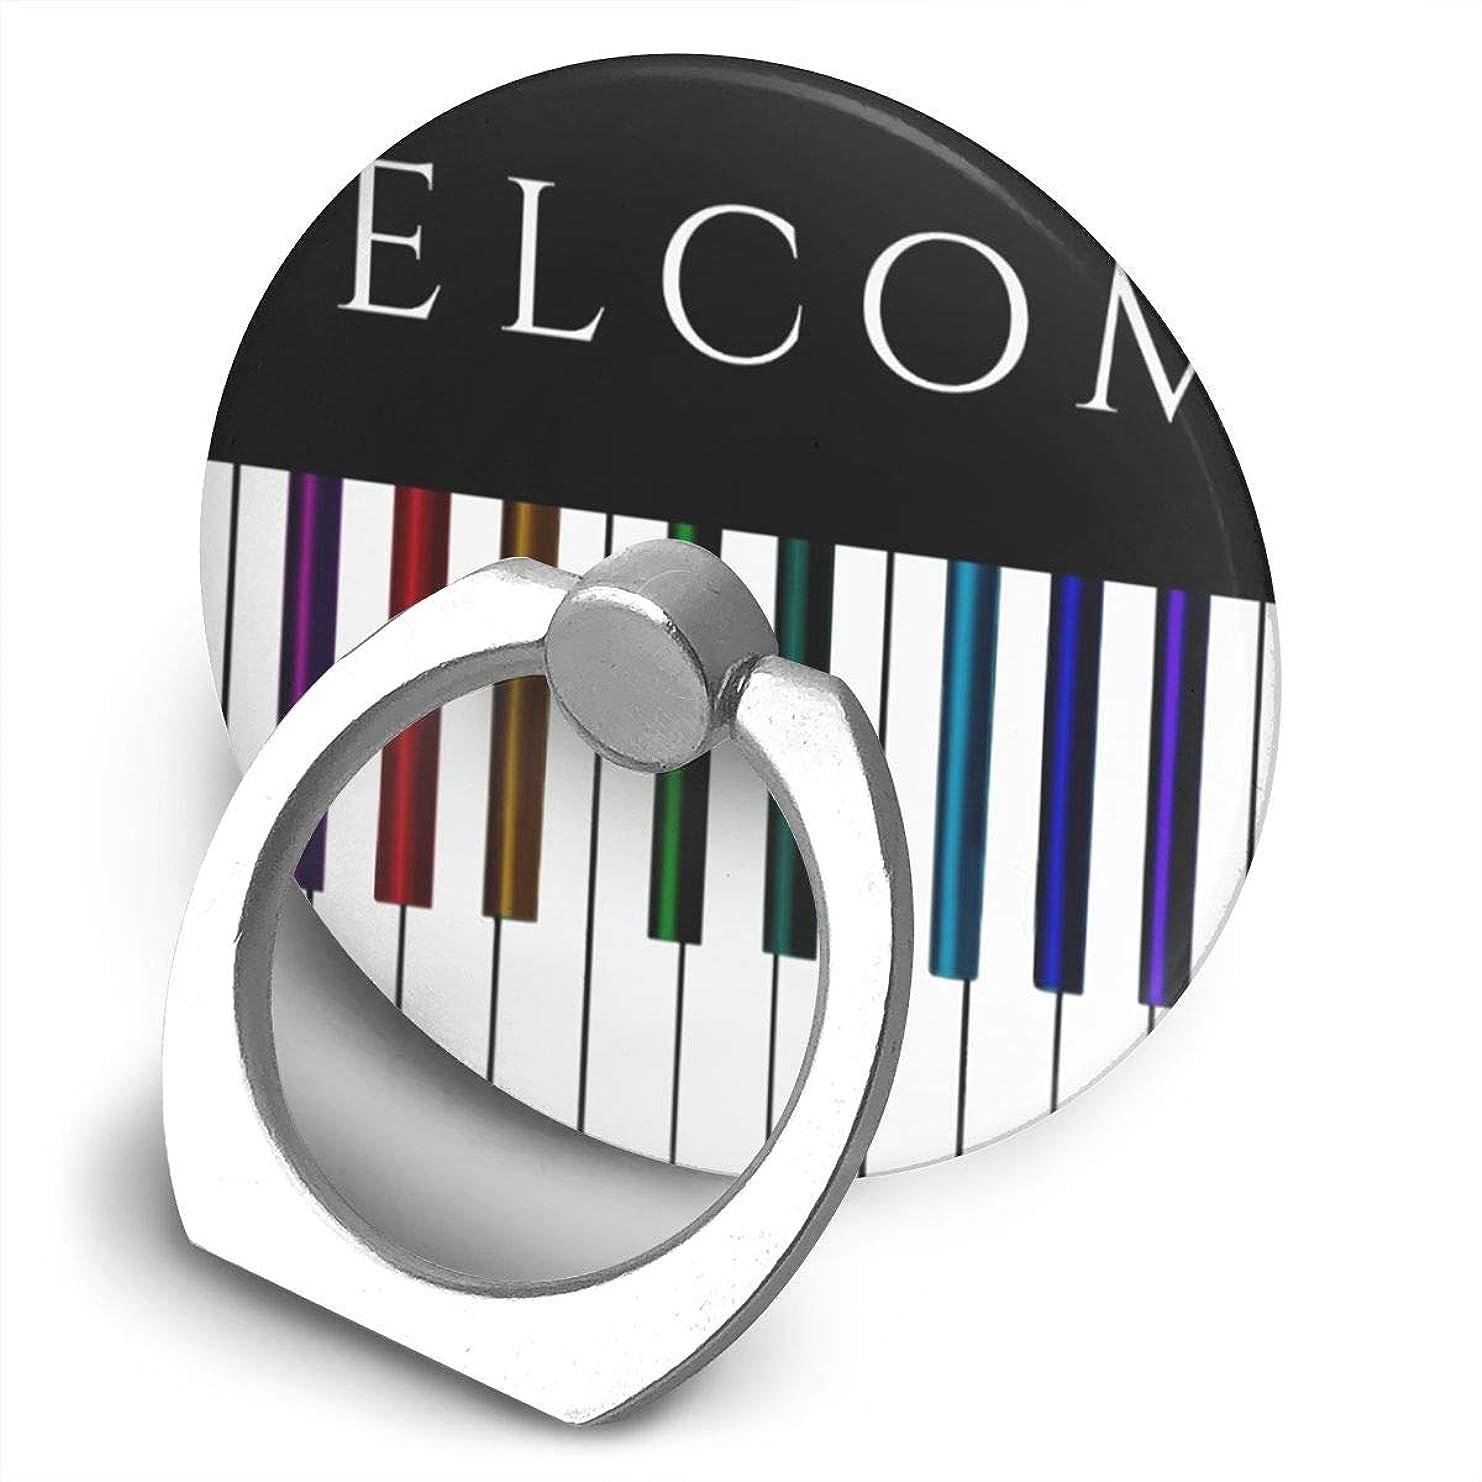 使役空白蓋カラフルな音楽 ピアノキー スマホリング 丸型 落下防止リング スタンド機能 スマホリング 薄型 360回転 ホールドリング スタンド機能 指スピナー ストレス解消 粘着力抜群